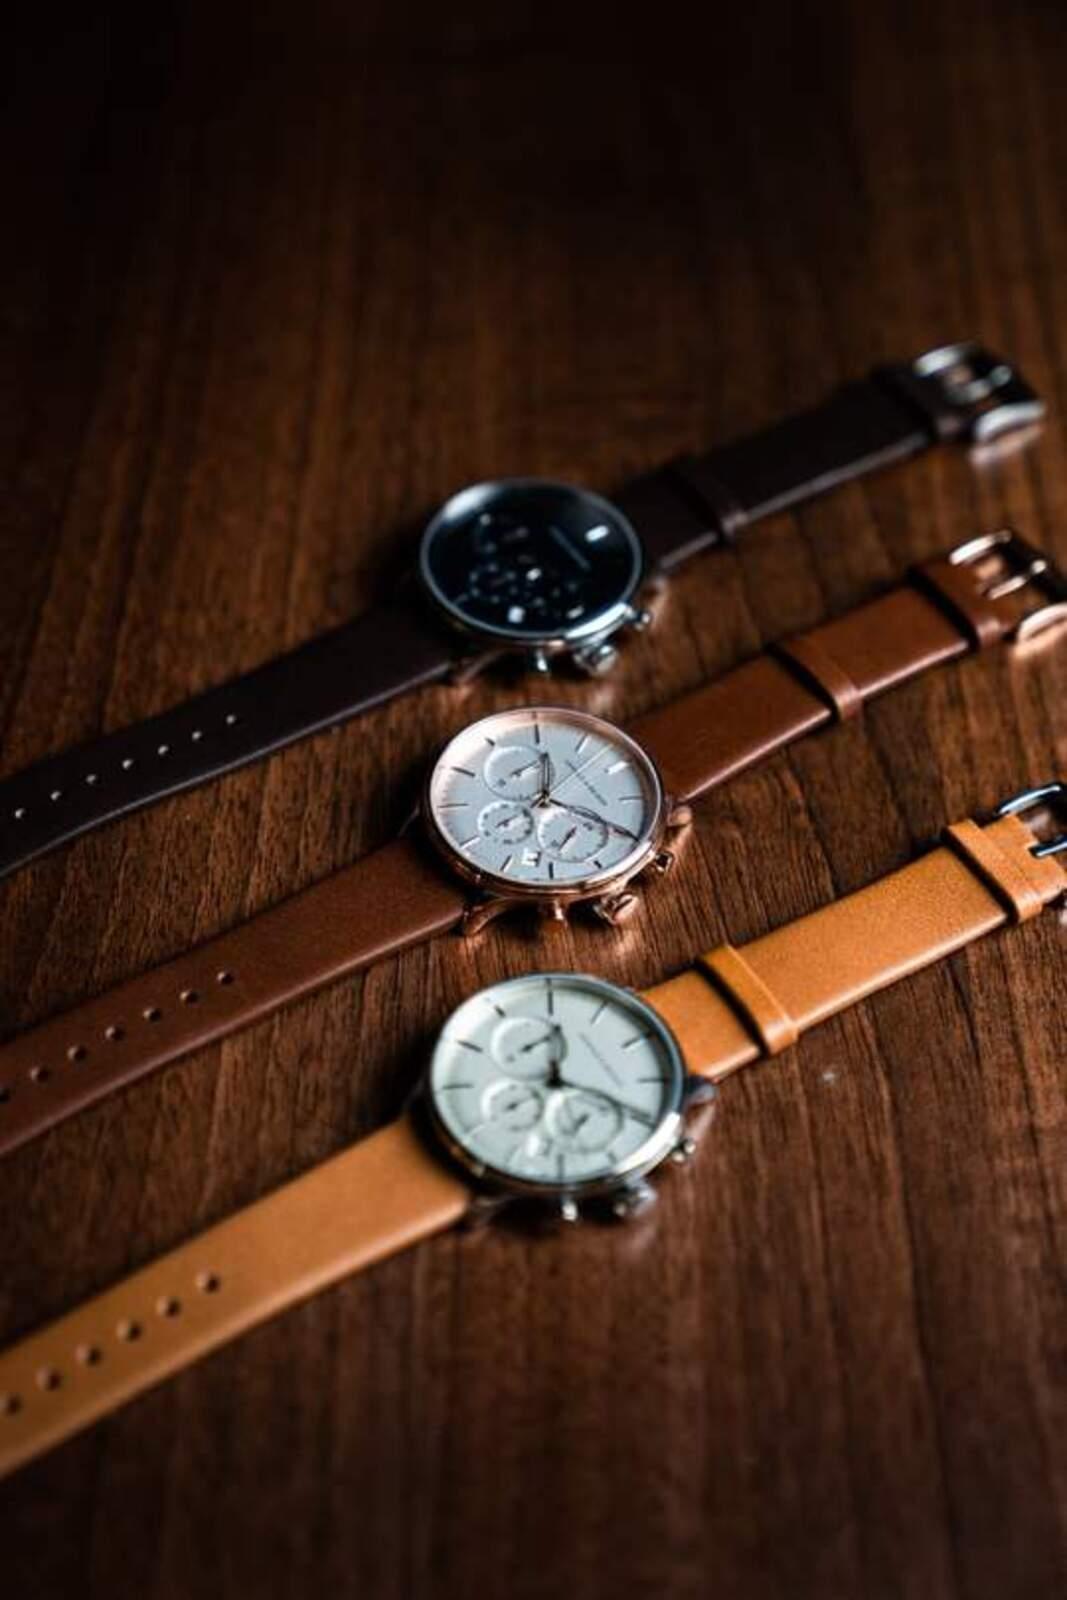 Arnold & Becker German luxury watches